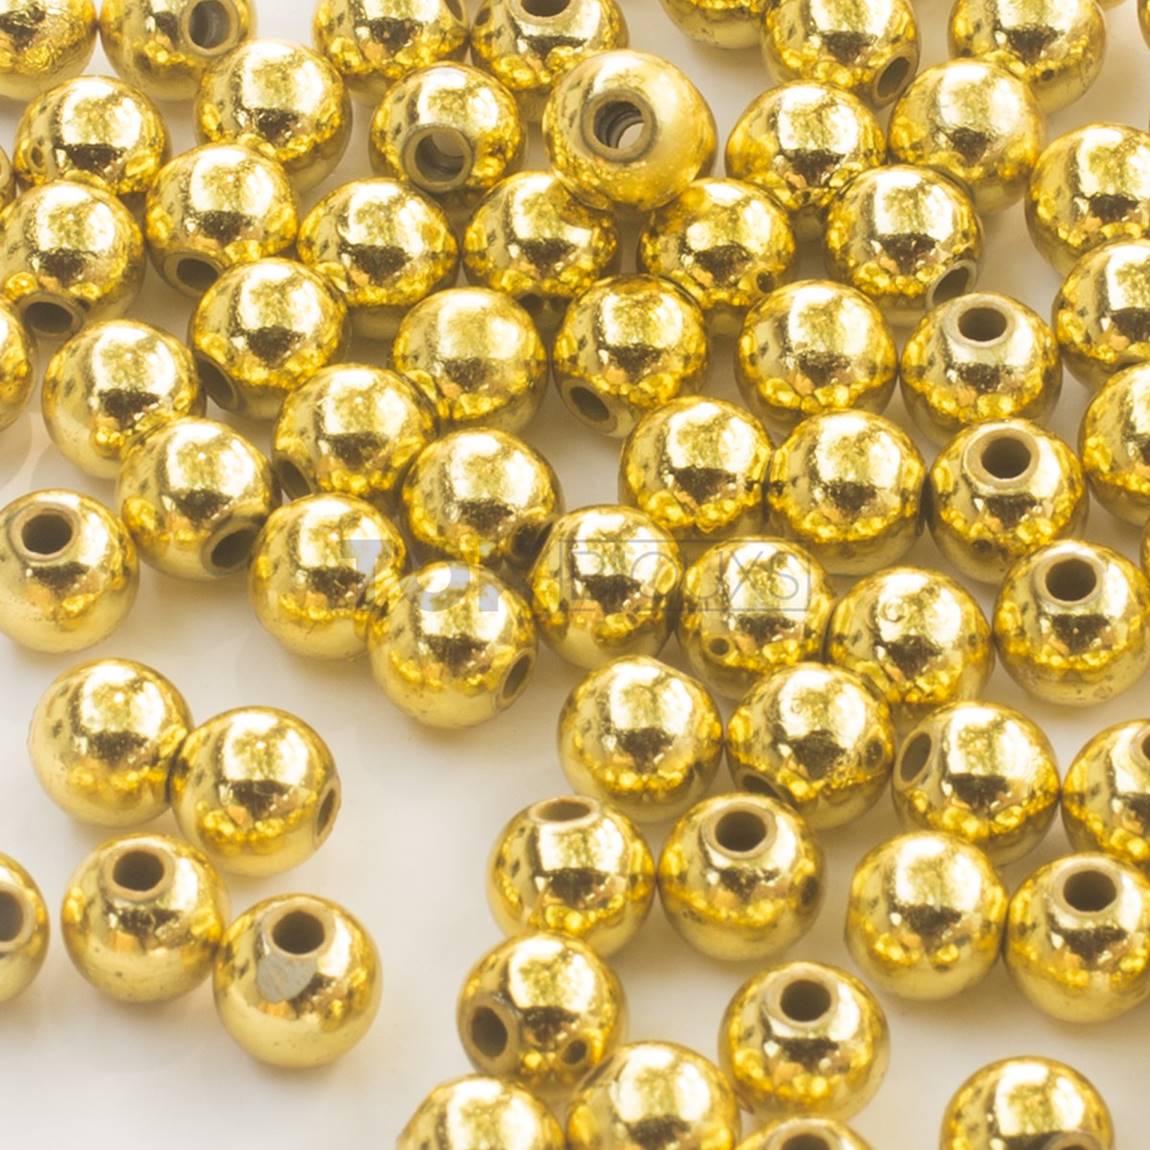 Atacado - Pérola Redonda Abs 10mm - Dourada - 500g